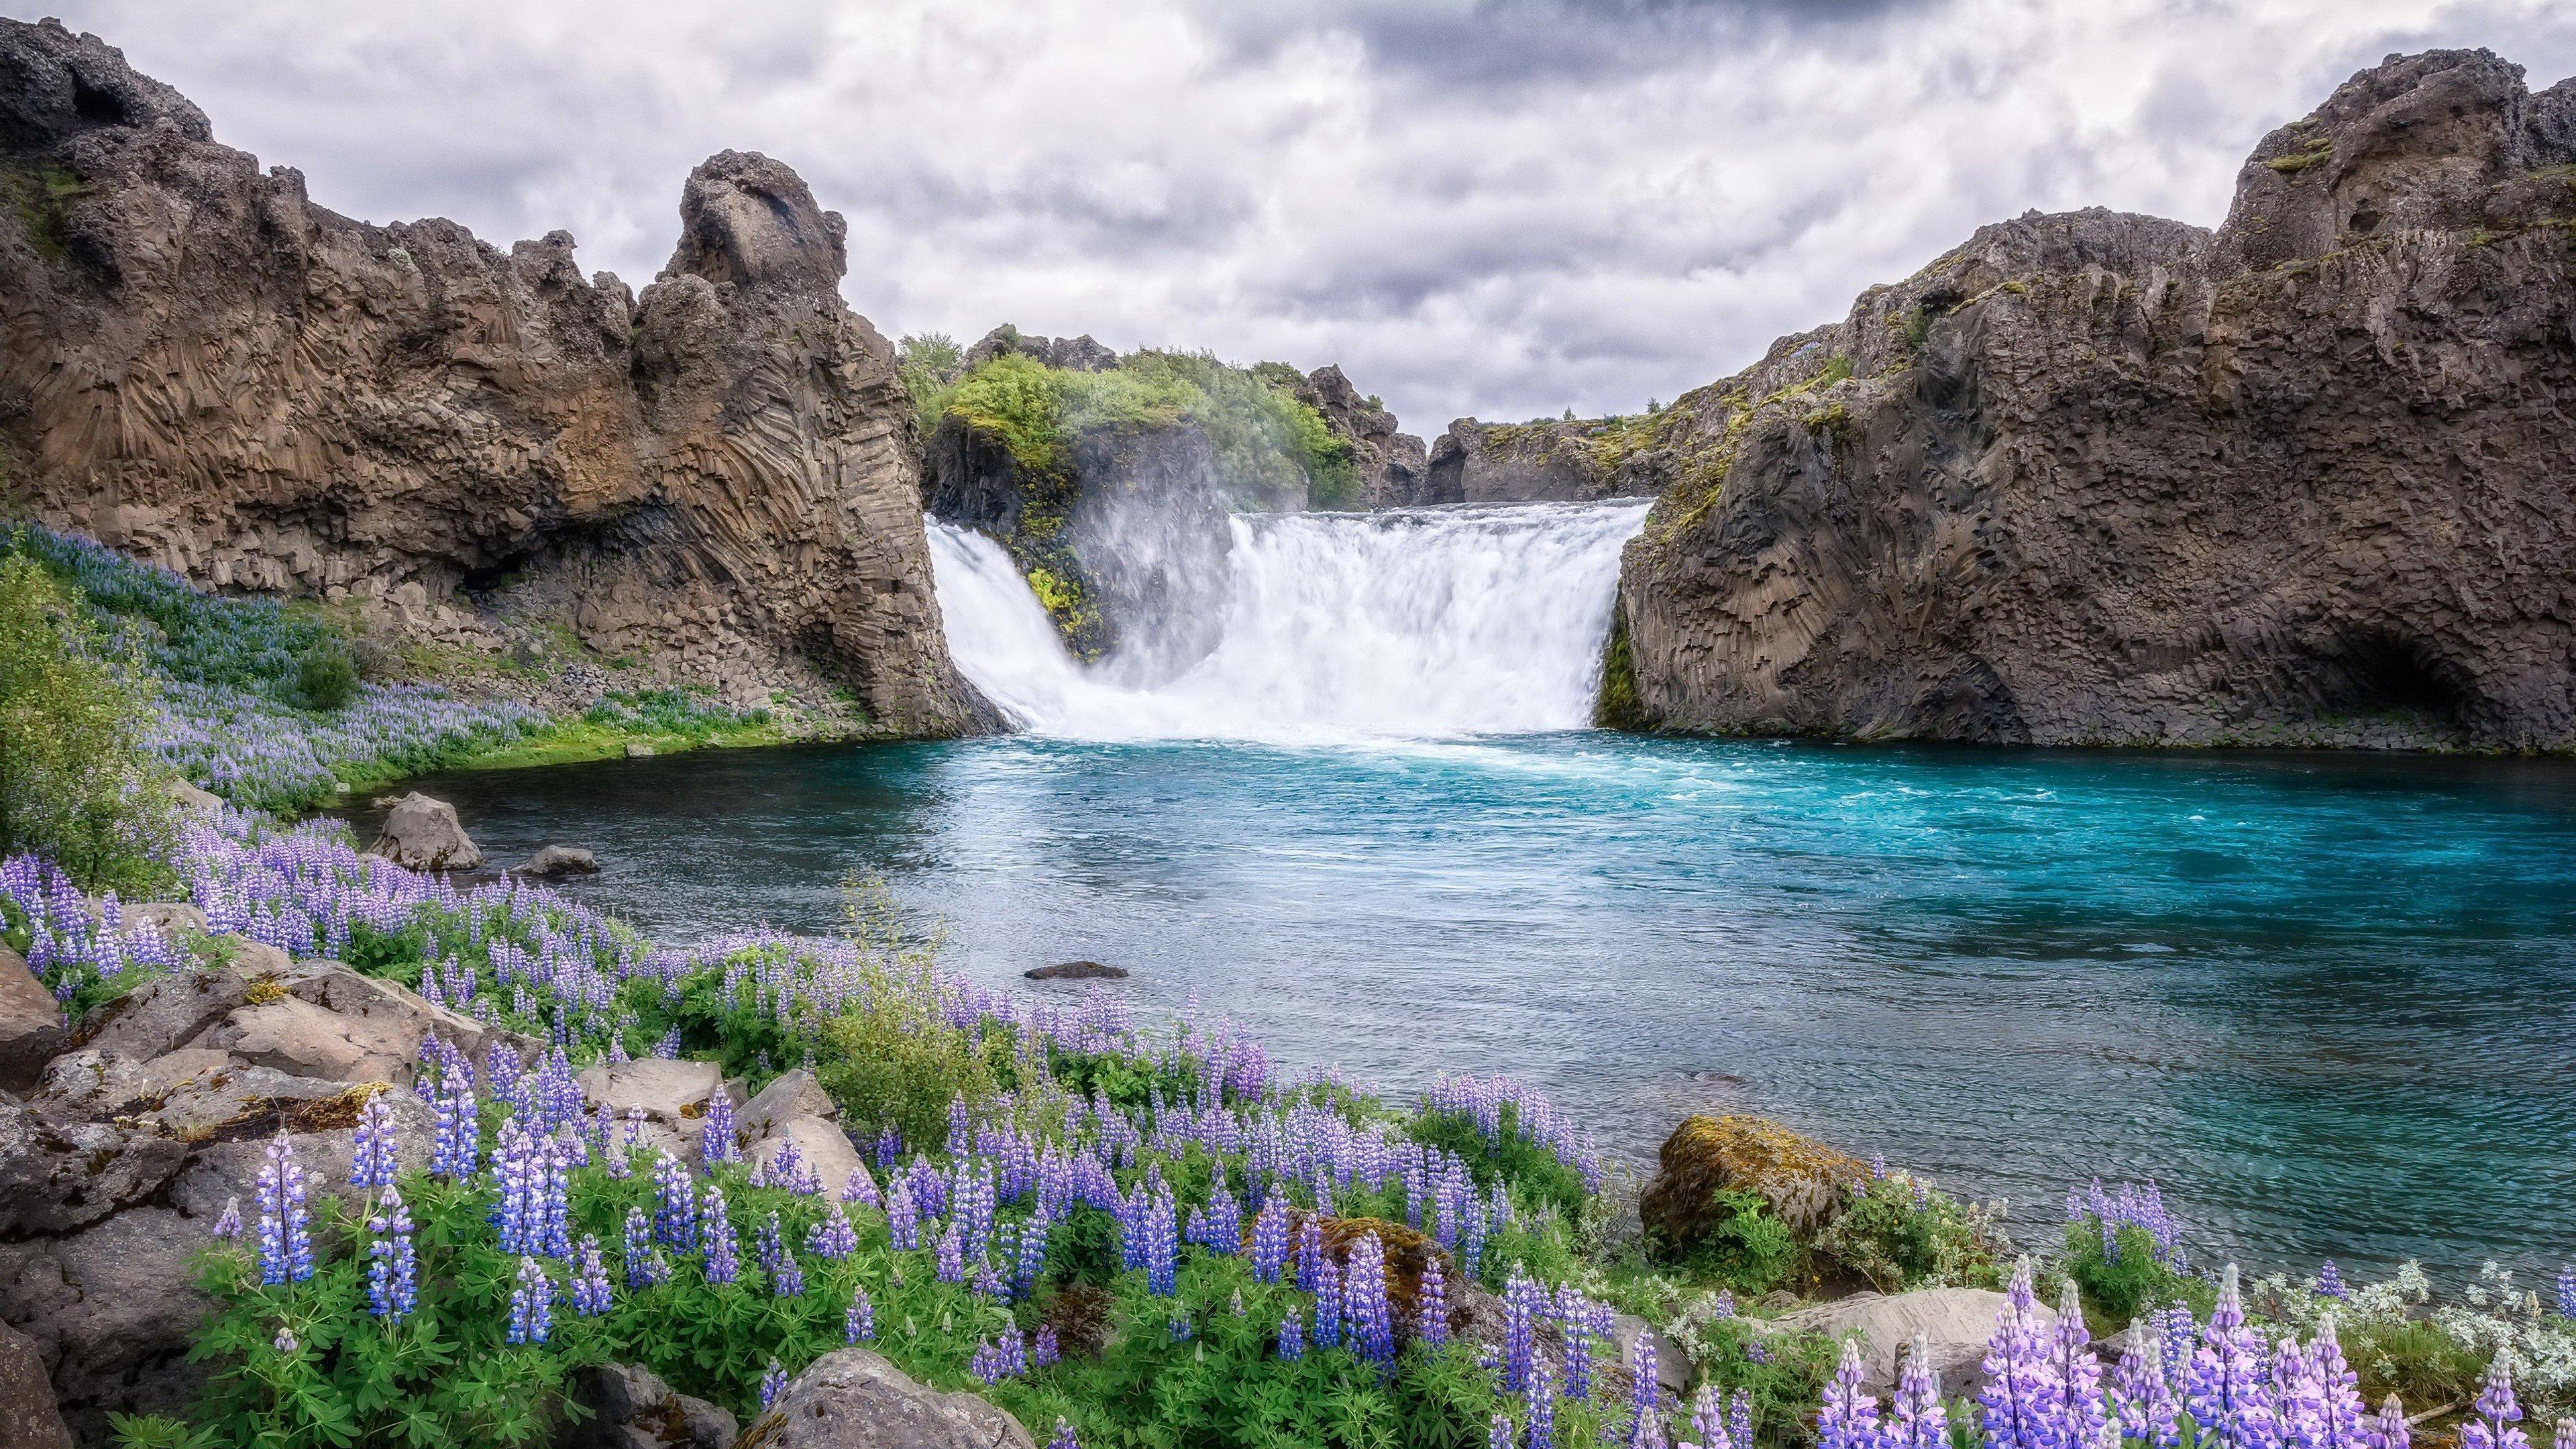 Fondos de pantalla Flores en lago y montañas